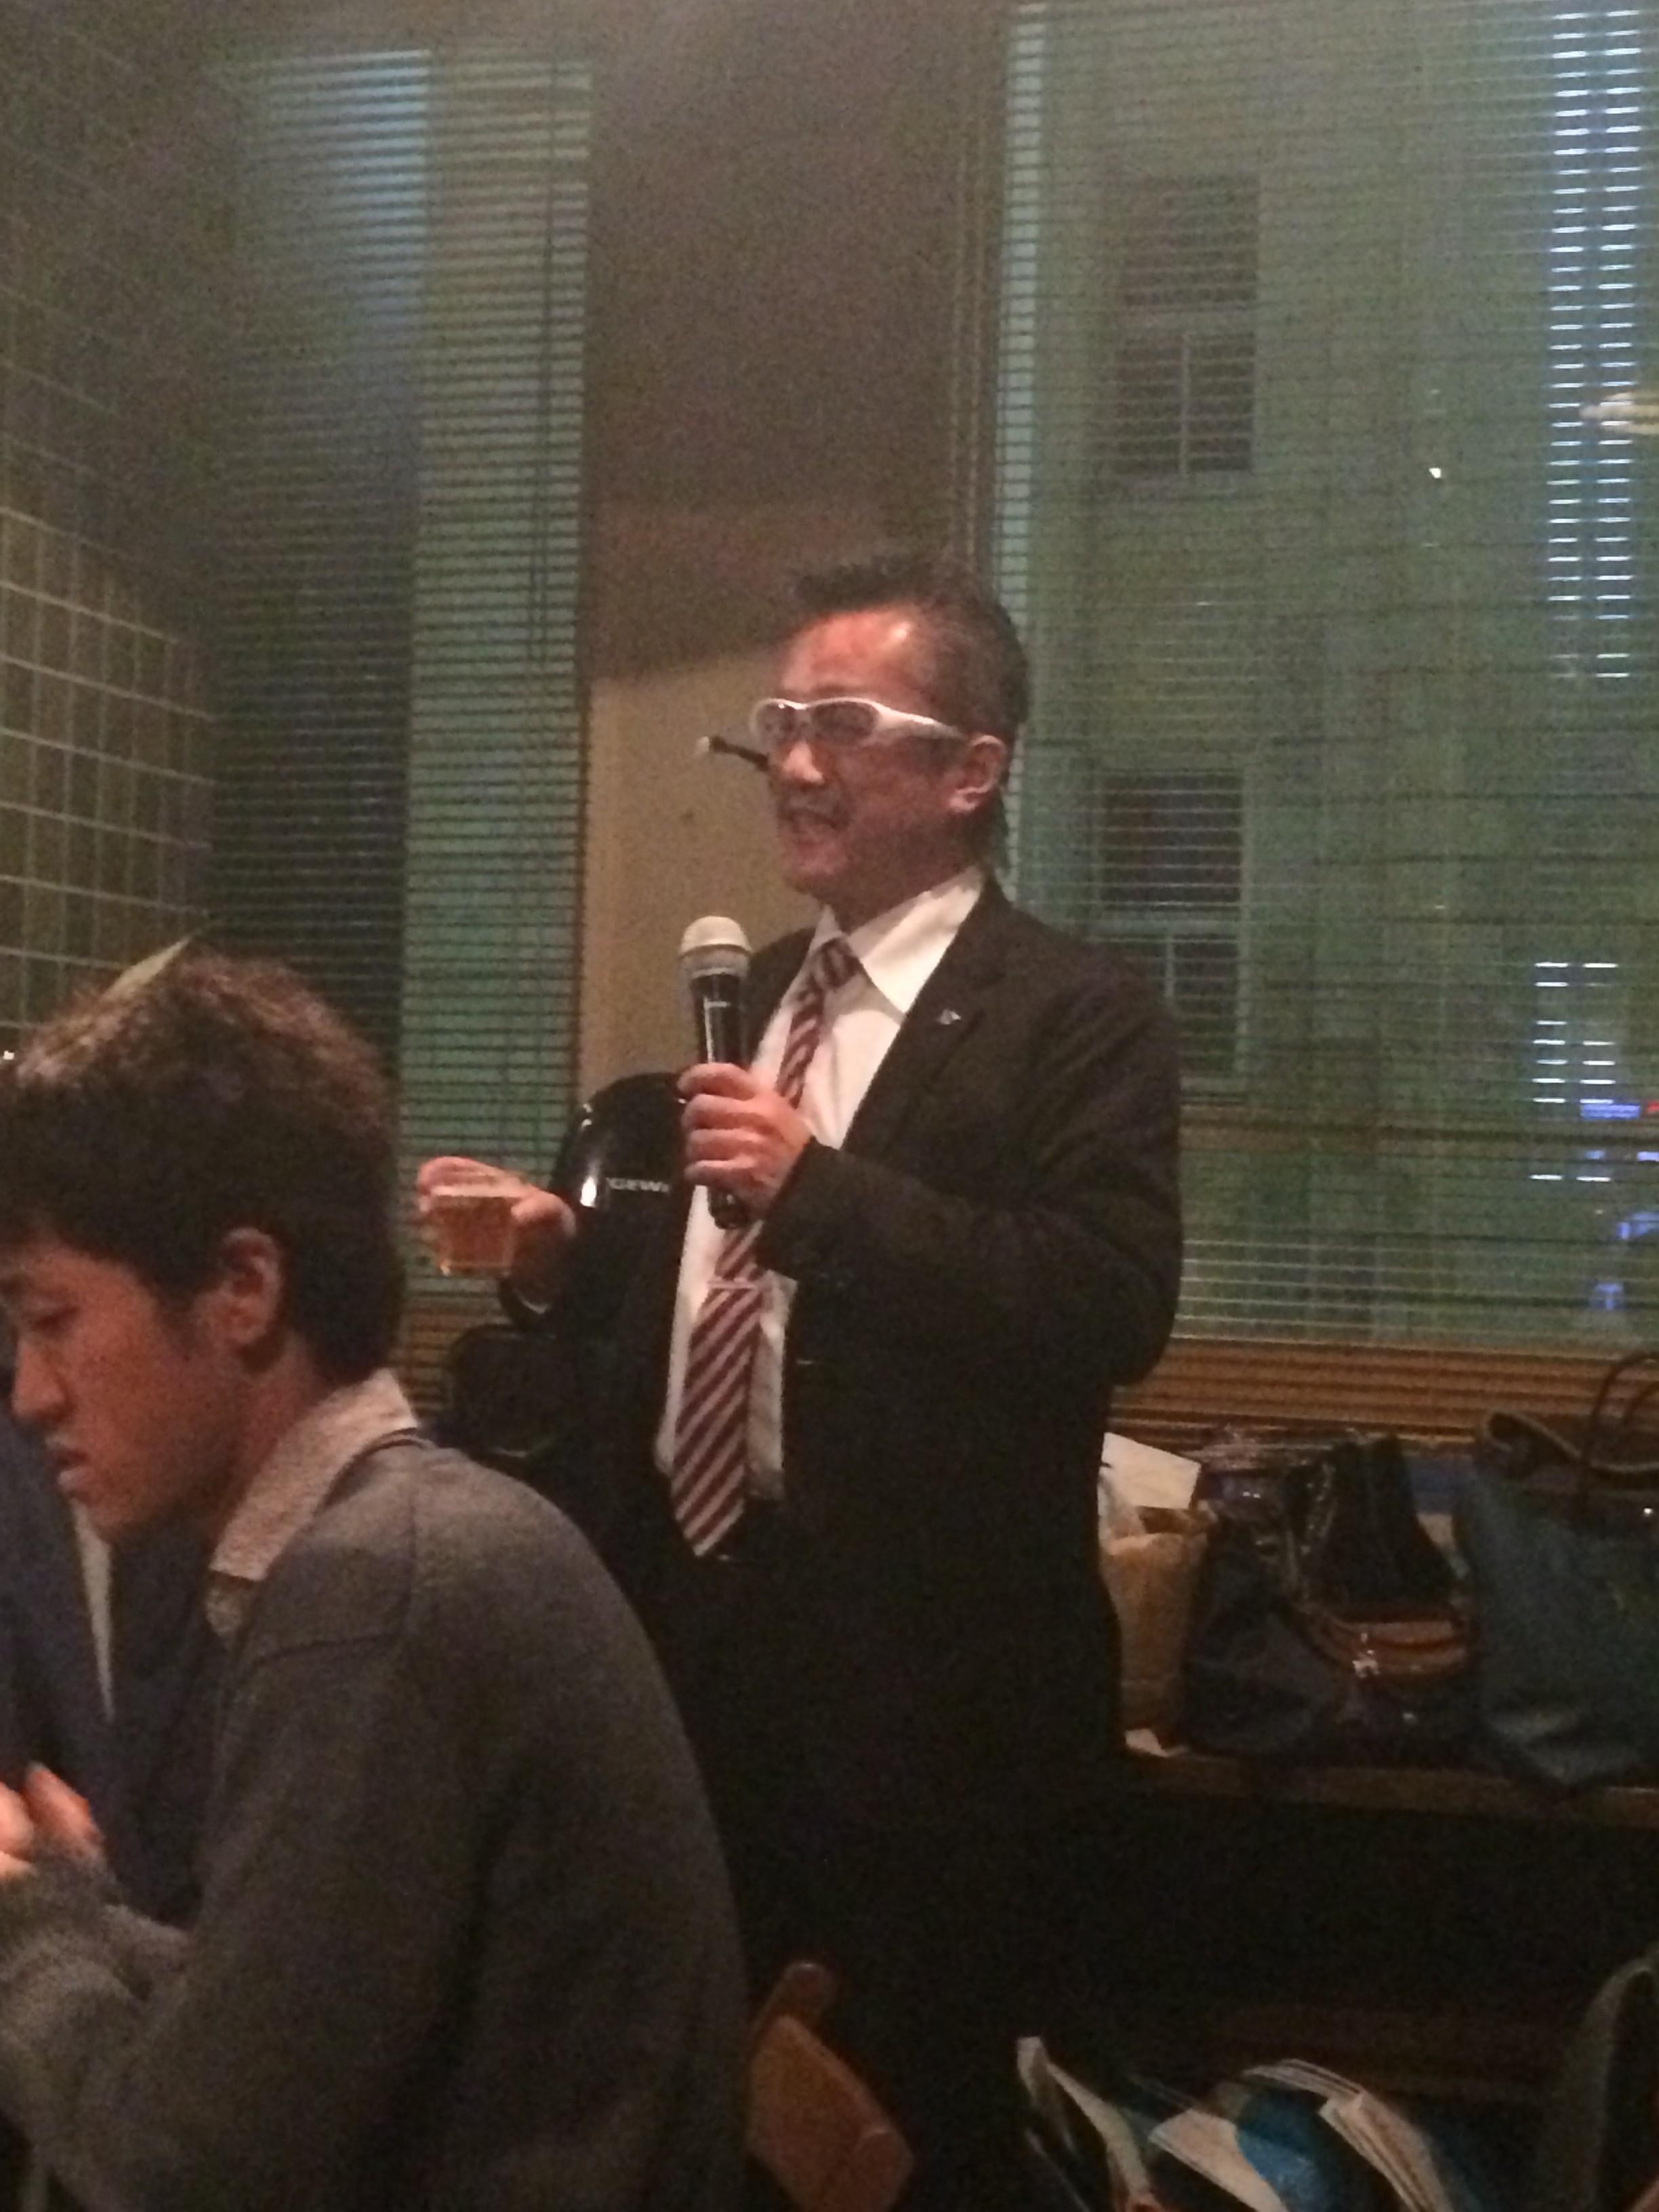 開始は塚本先生の挨拶から